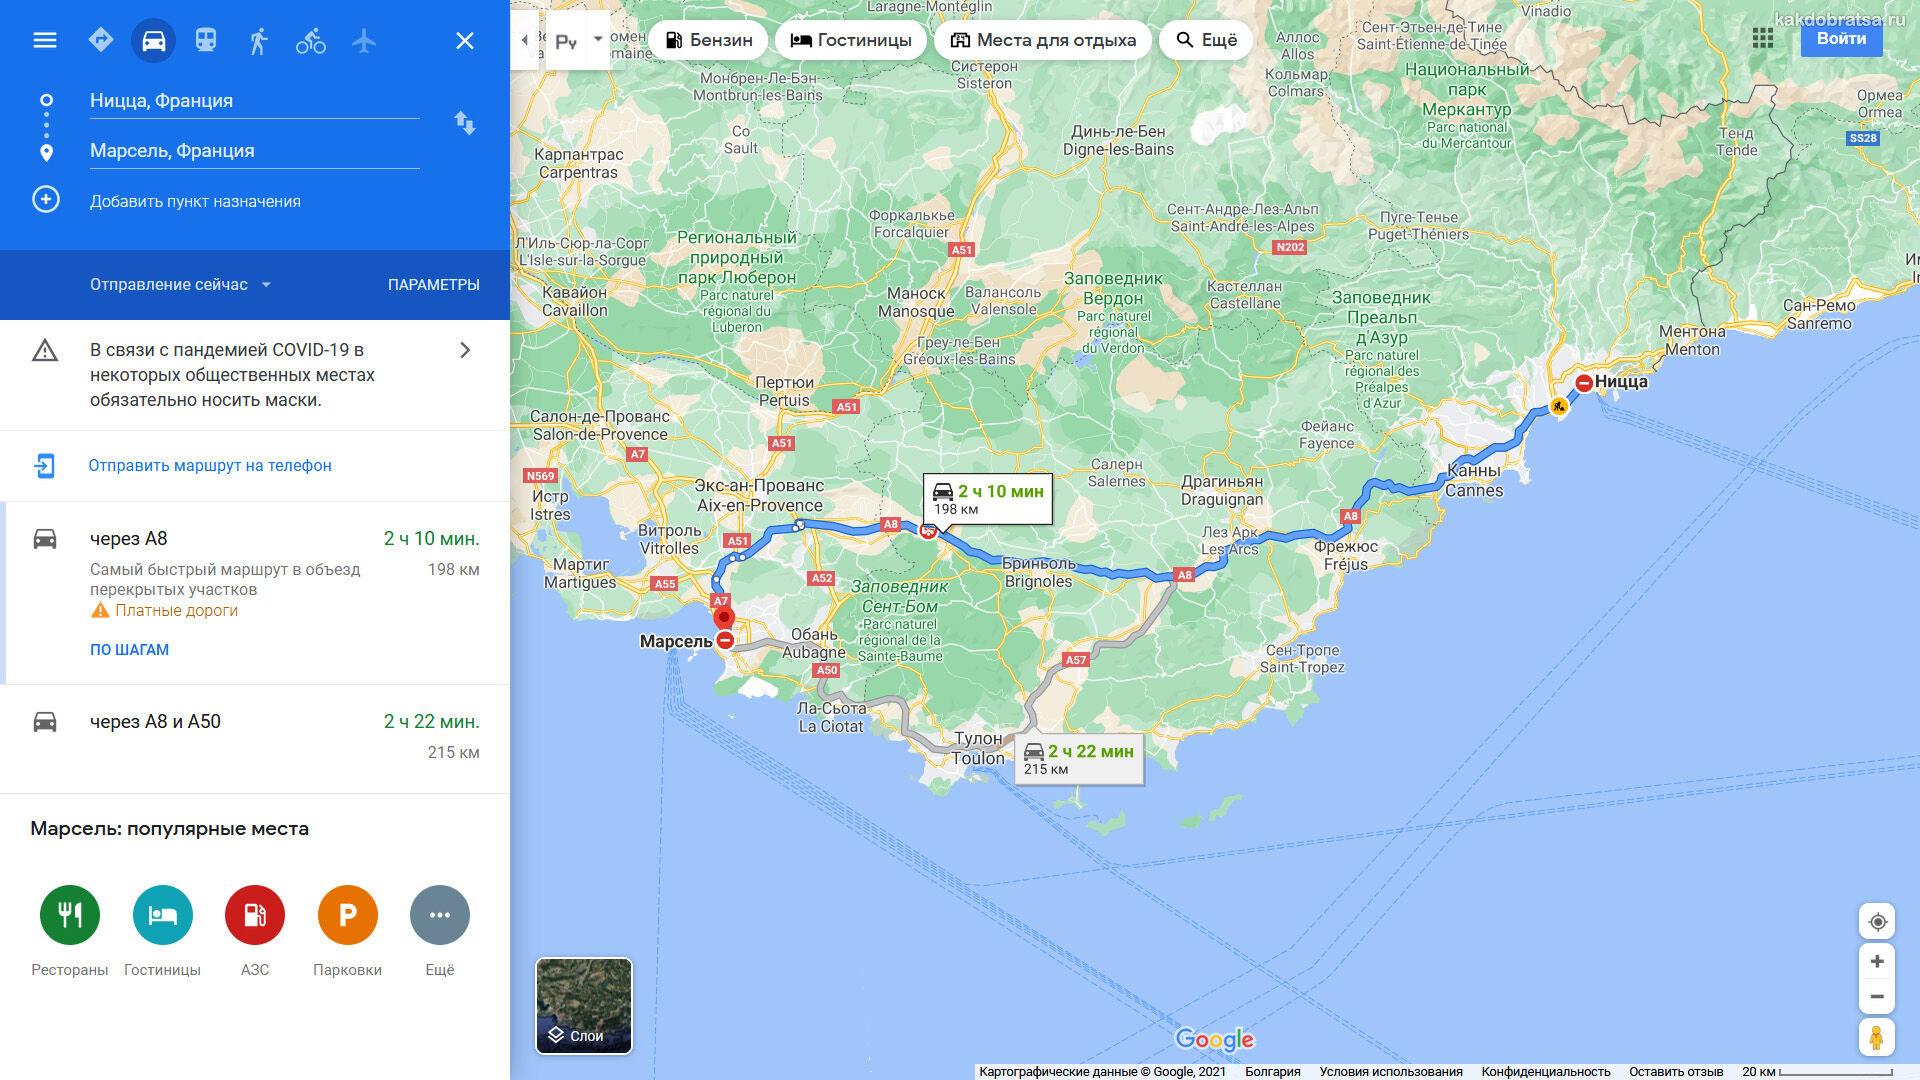 Как добраться из Ниццы в Марсель - карта